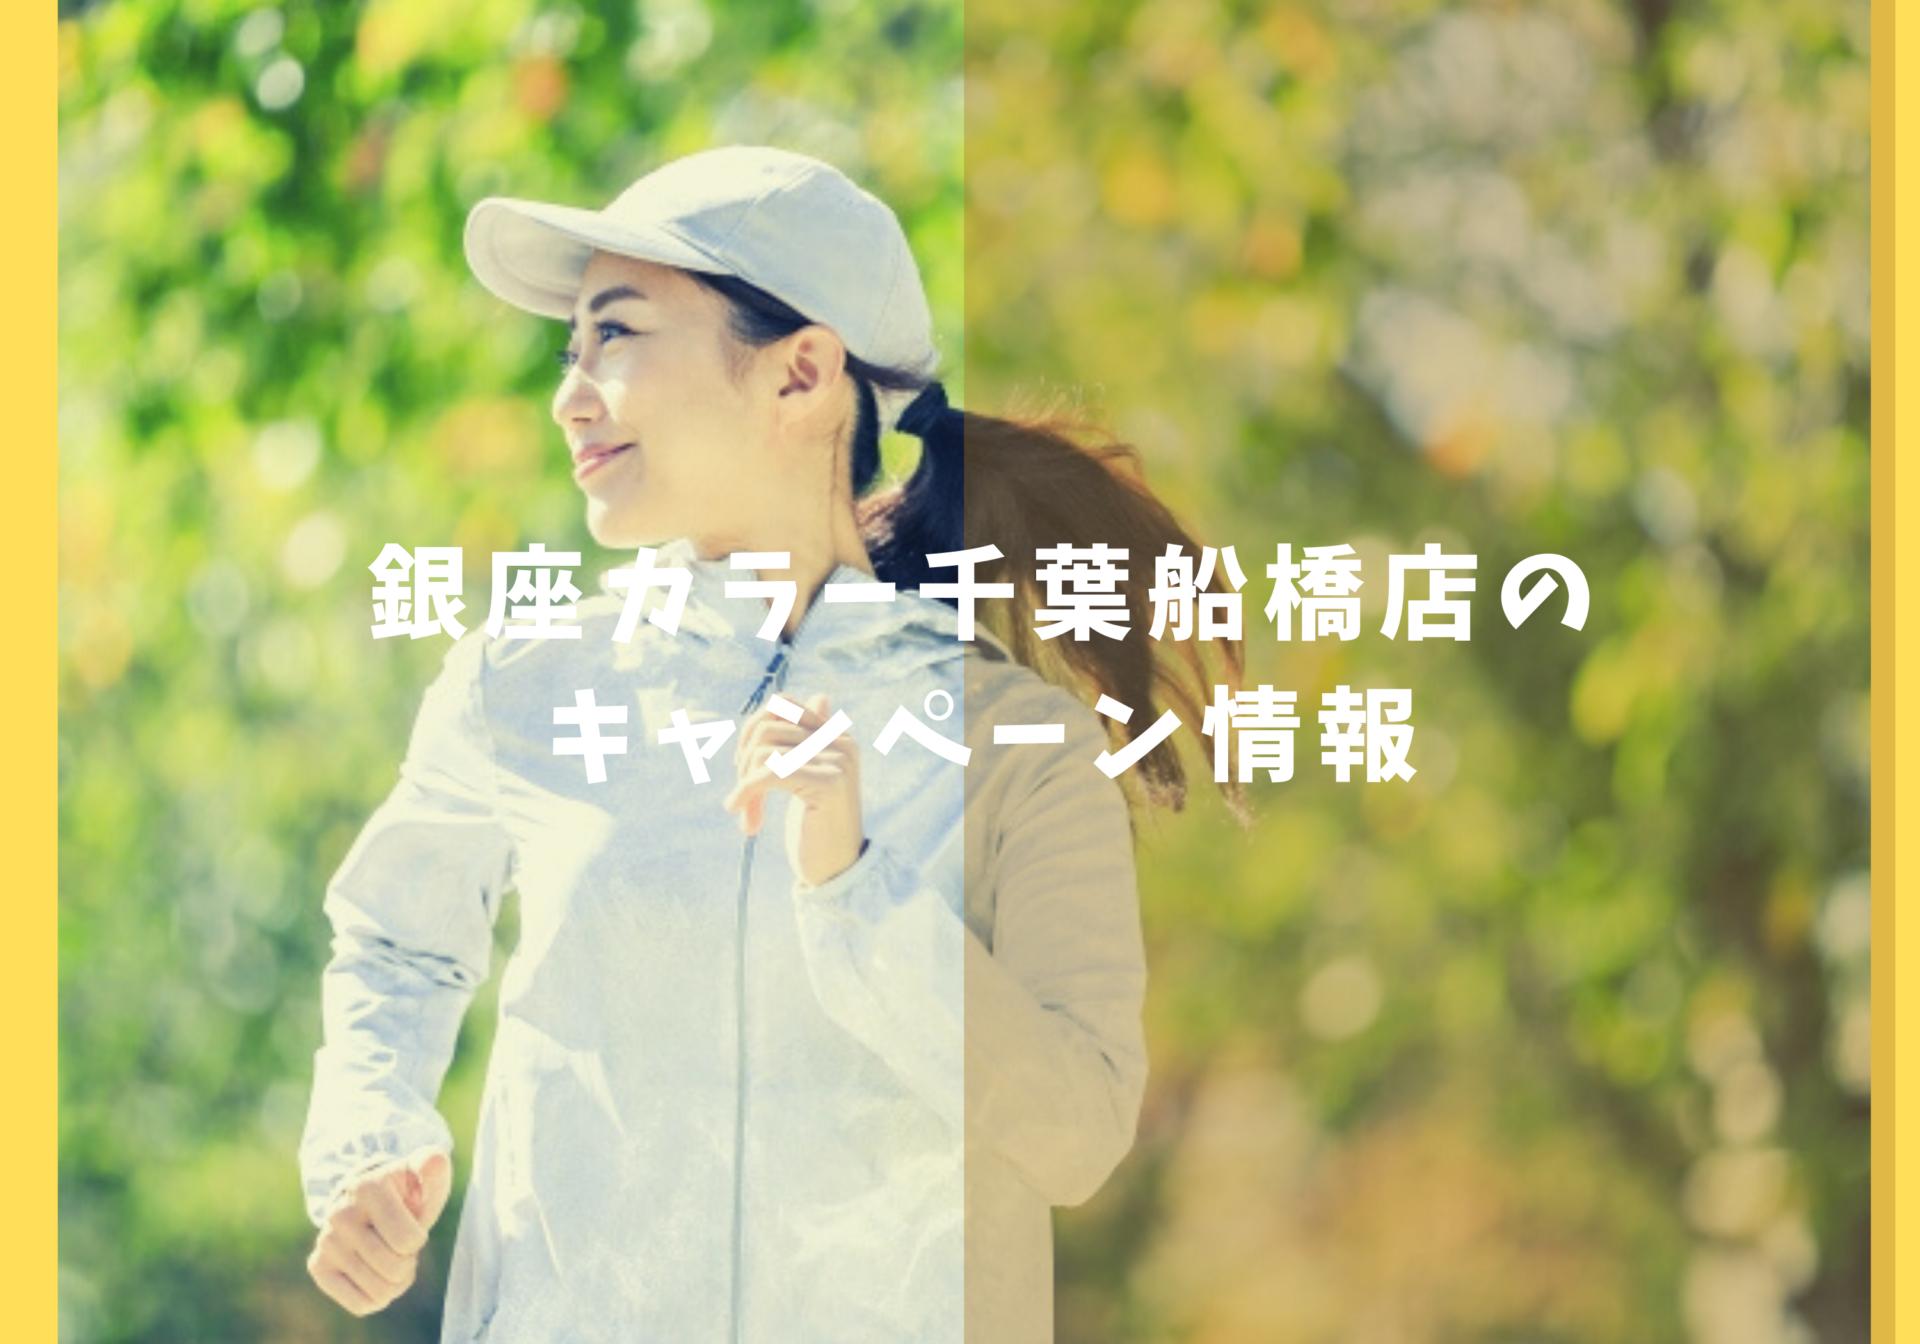 銀座カラー千葉船橋のキャンペーン情報